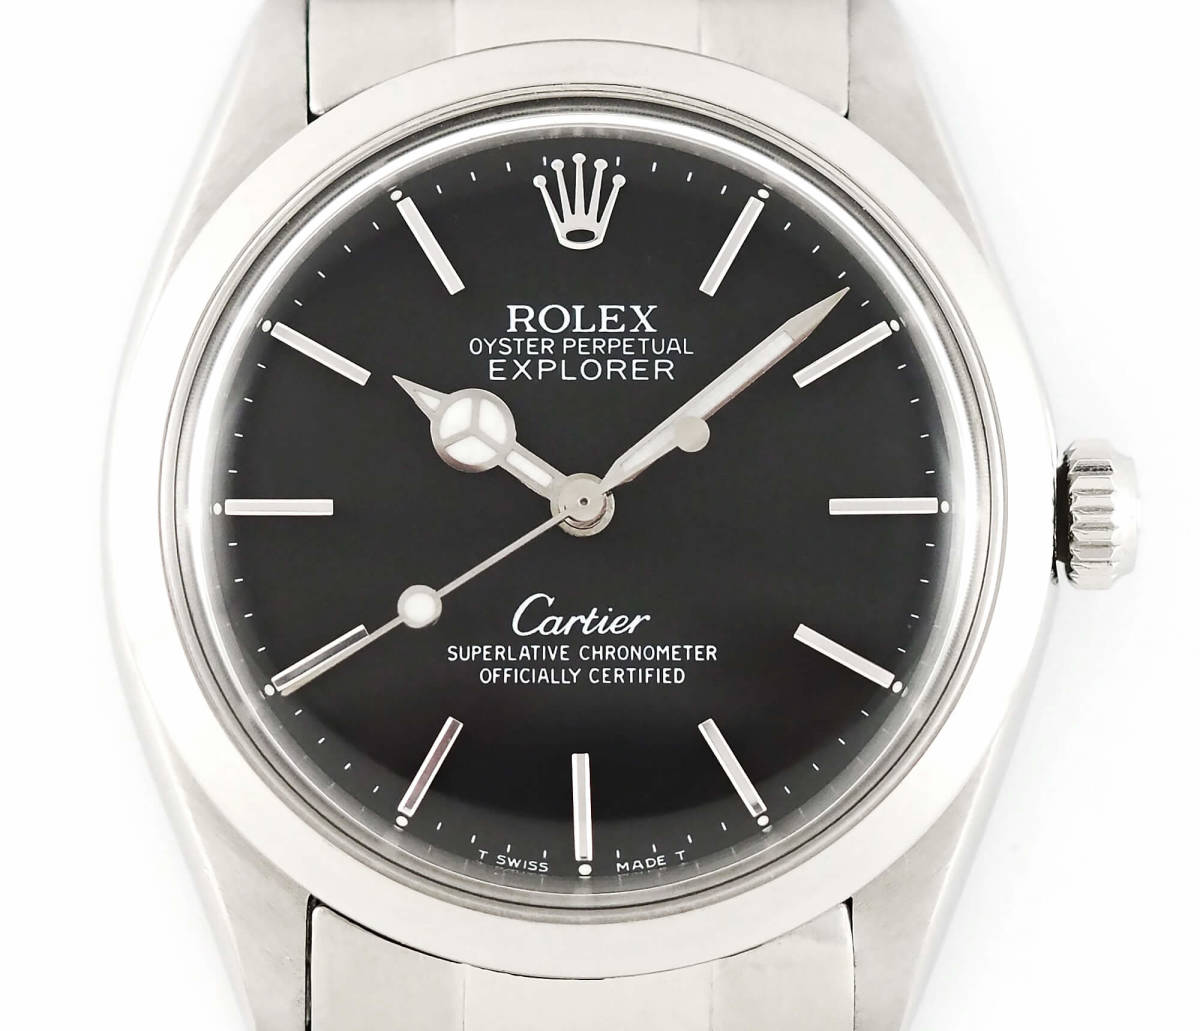 the latest 838fb 17f3f 中古】ROLEX エクスプローラー【カルティエ Wネーム】Cartier ...